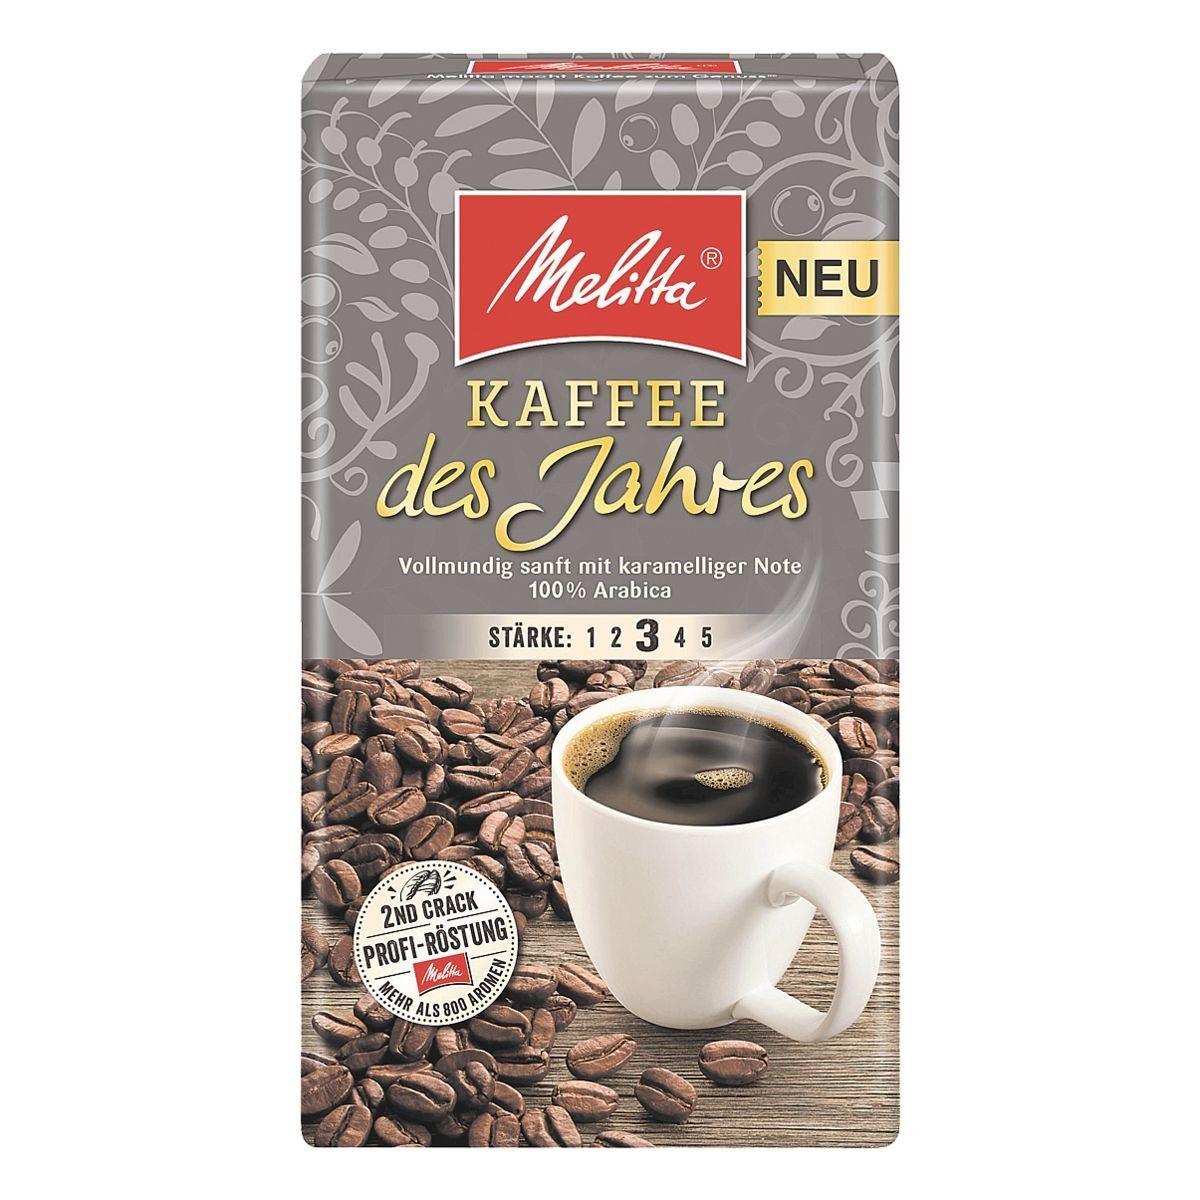 Melitta Kaffee »Kaffee des Jahres«